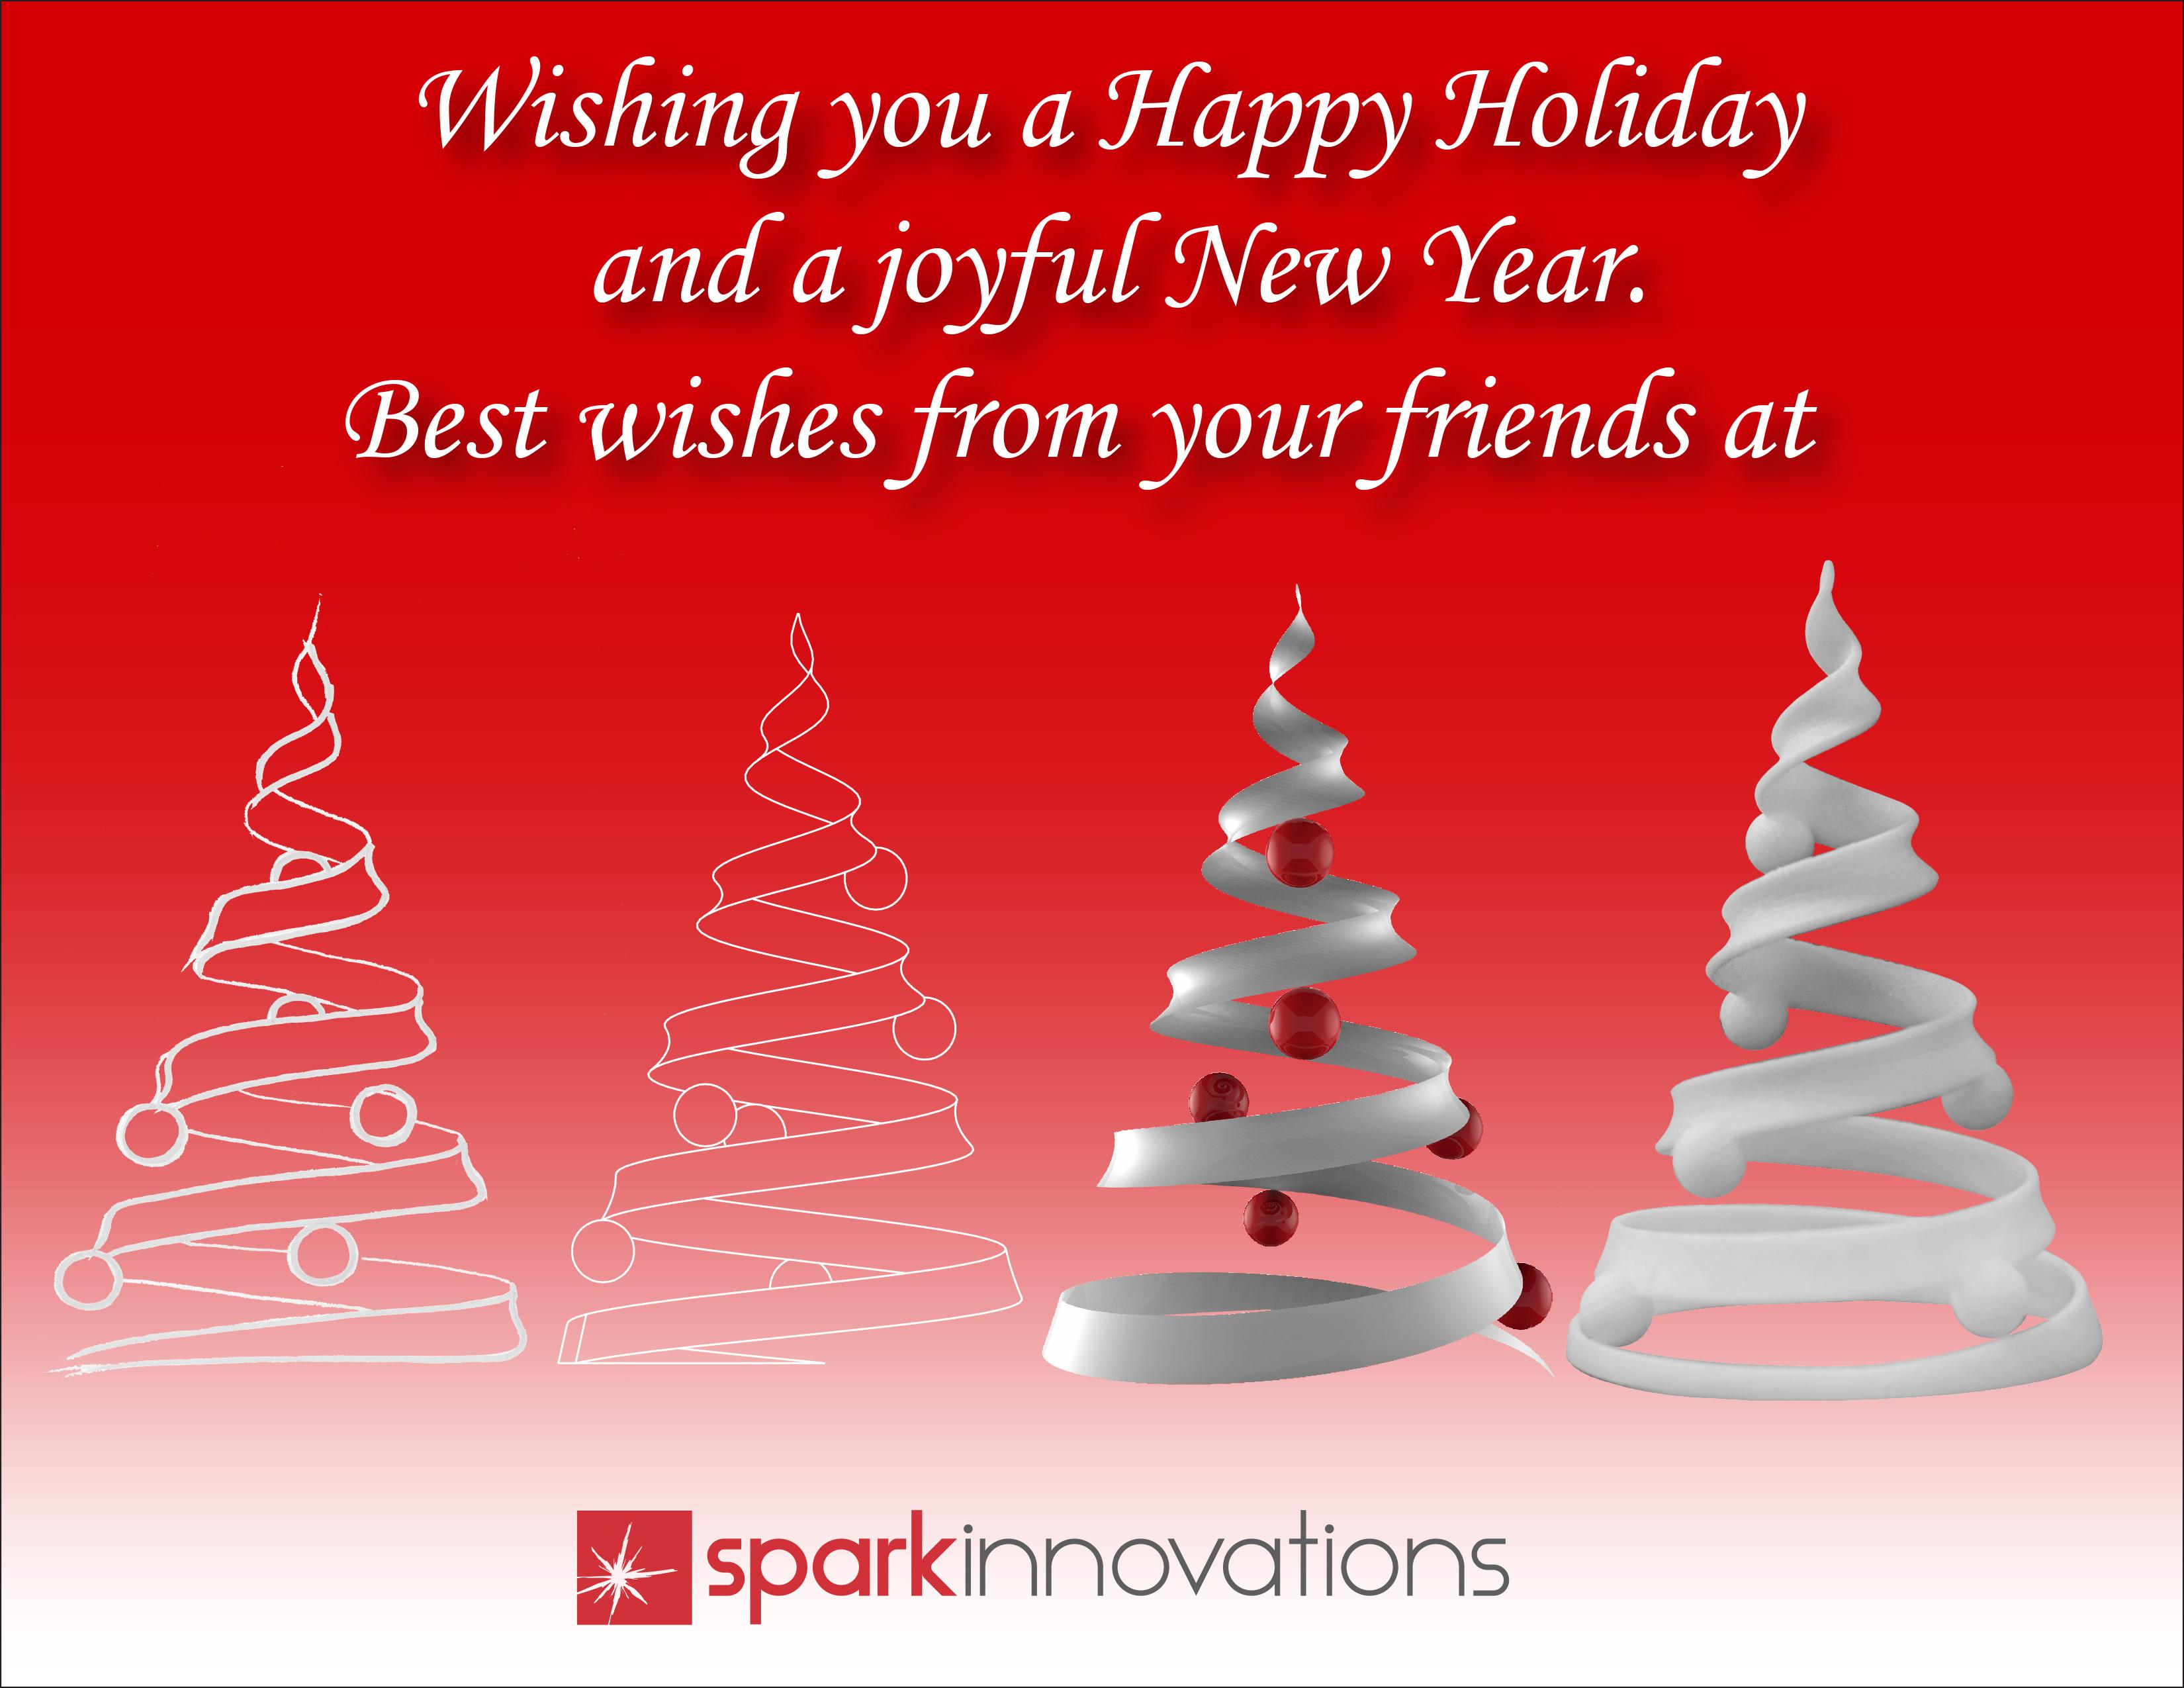 Spark's Christmas Card 2016